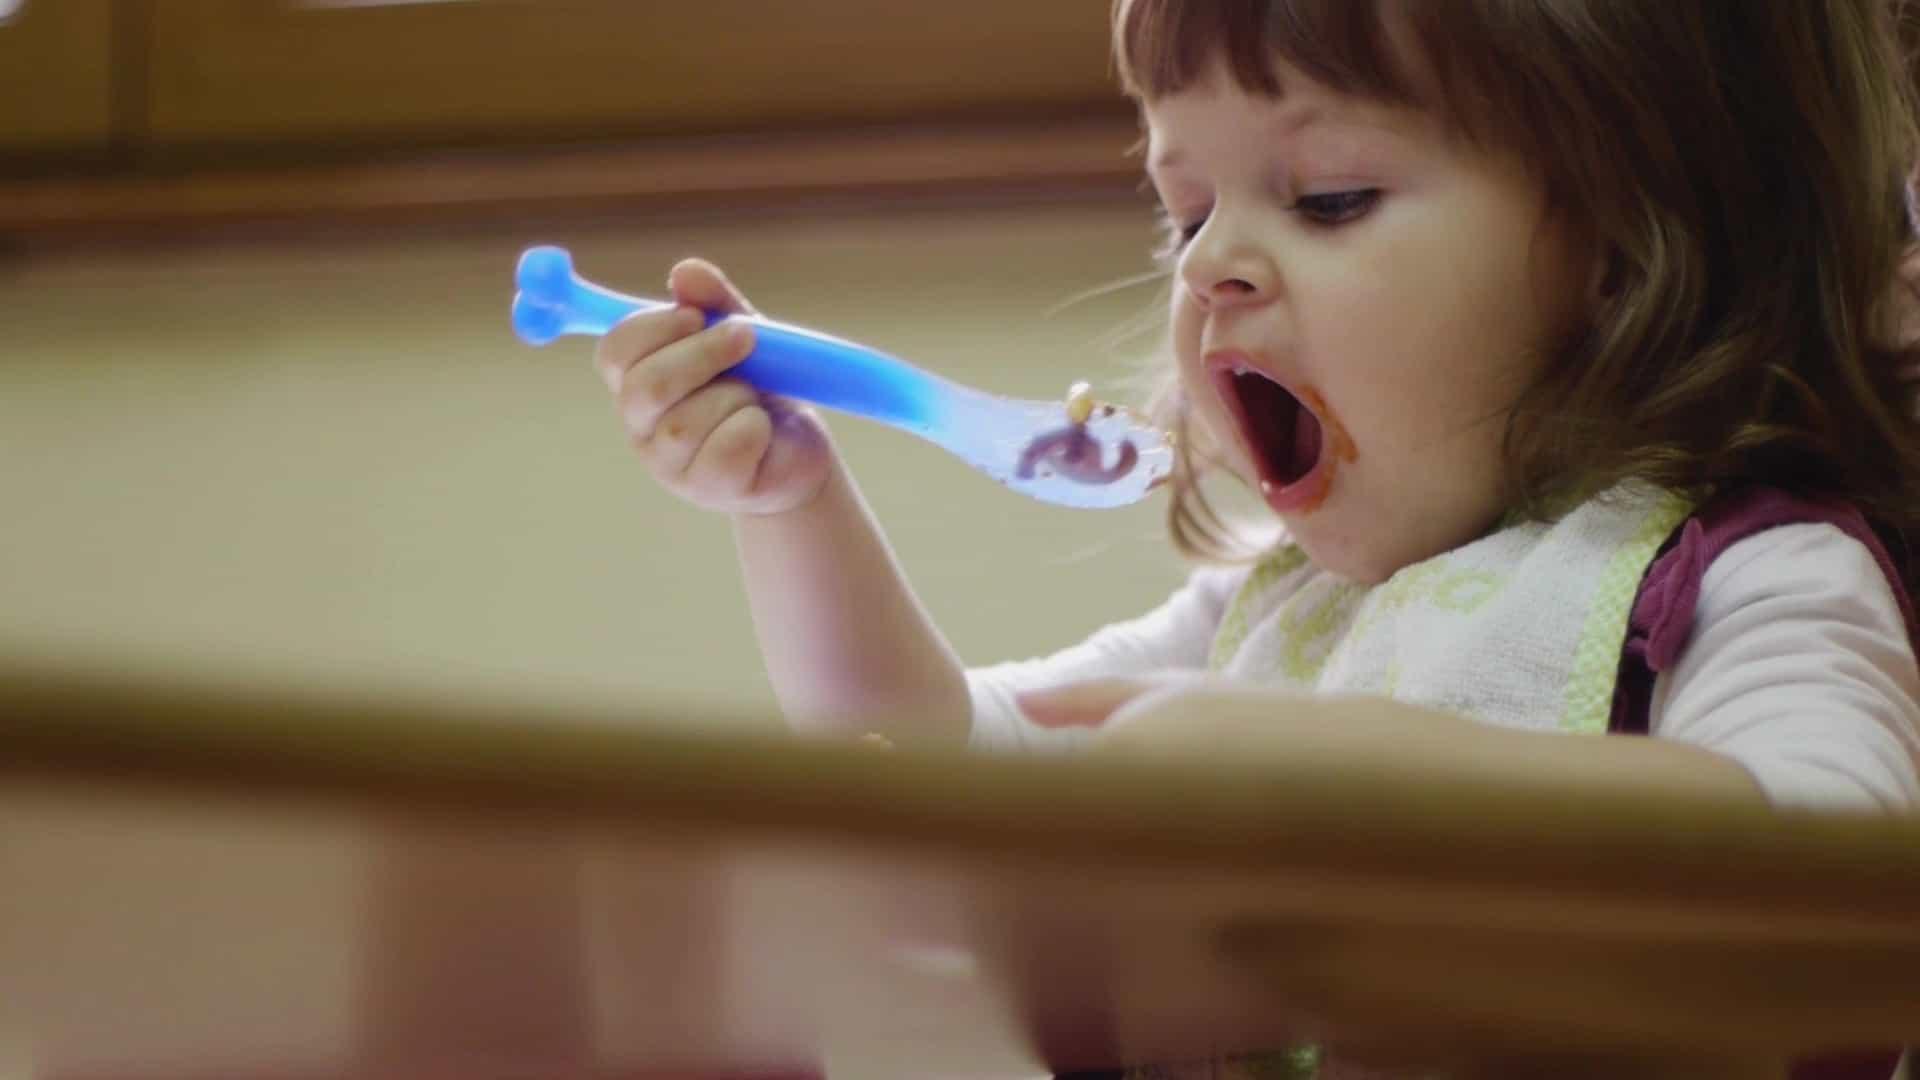 Sprout อาหารเด็กออร์แกนิค ทำเพลงช่วยป้อนข้าวลูกน้อย จับกลุ่ม Millennial Parents